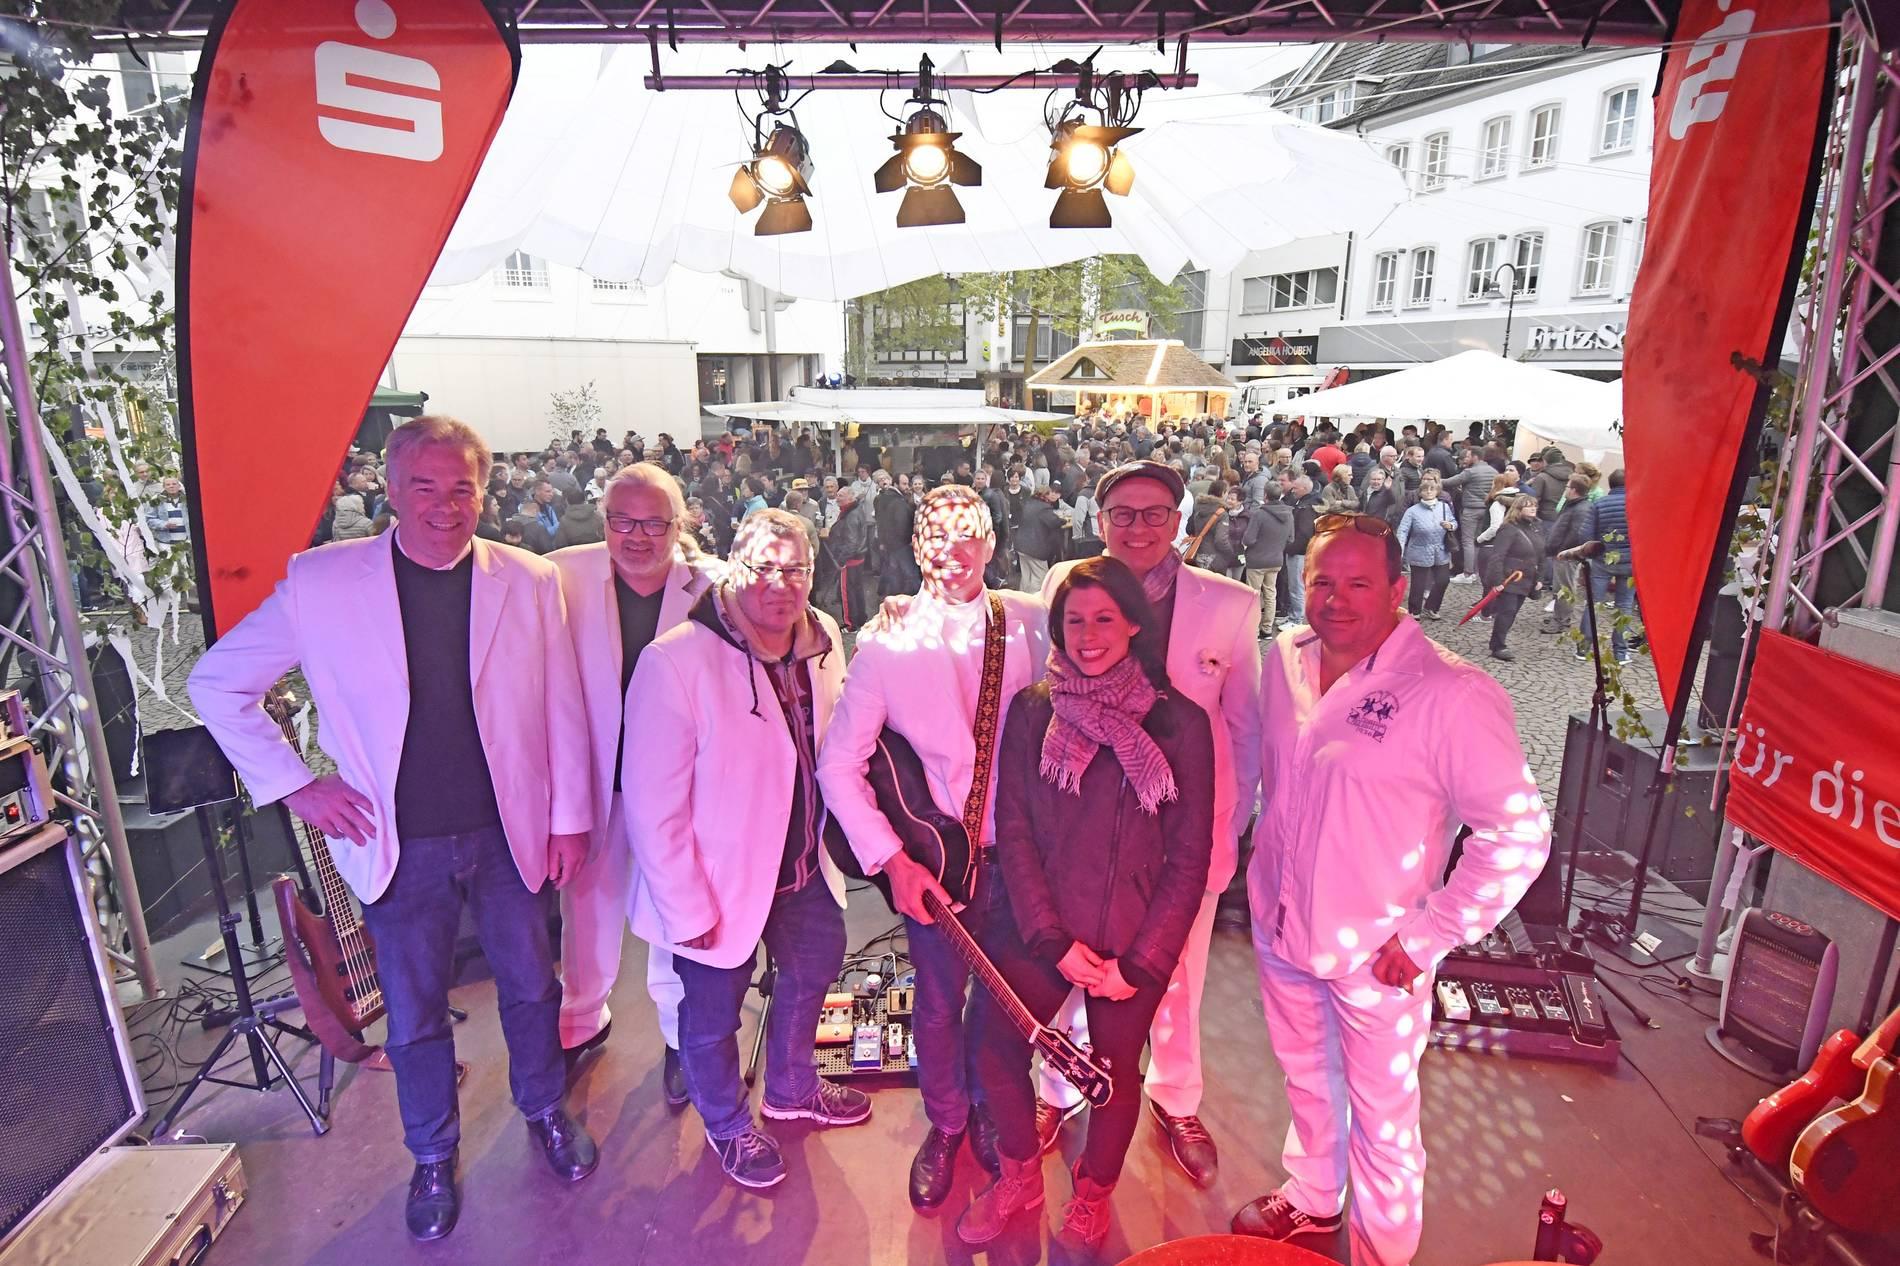 2019 Weiße Weihnachten.Tanz In Den Mai 2019 In Viersen Weiße Mainacht Auf Dem Remigiusplatz